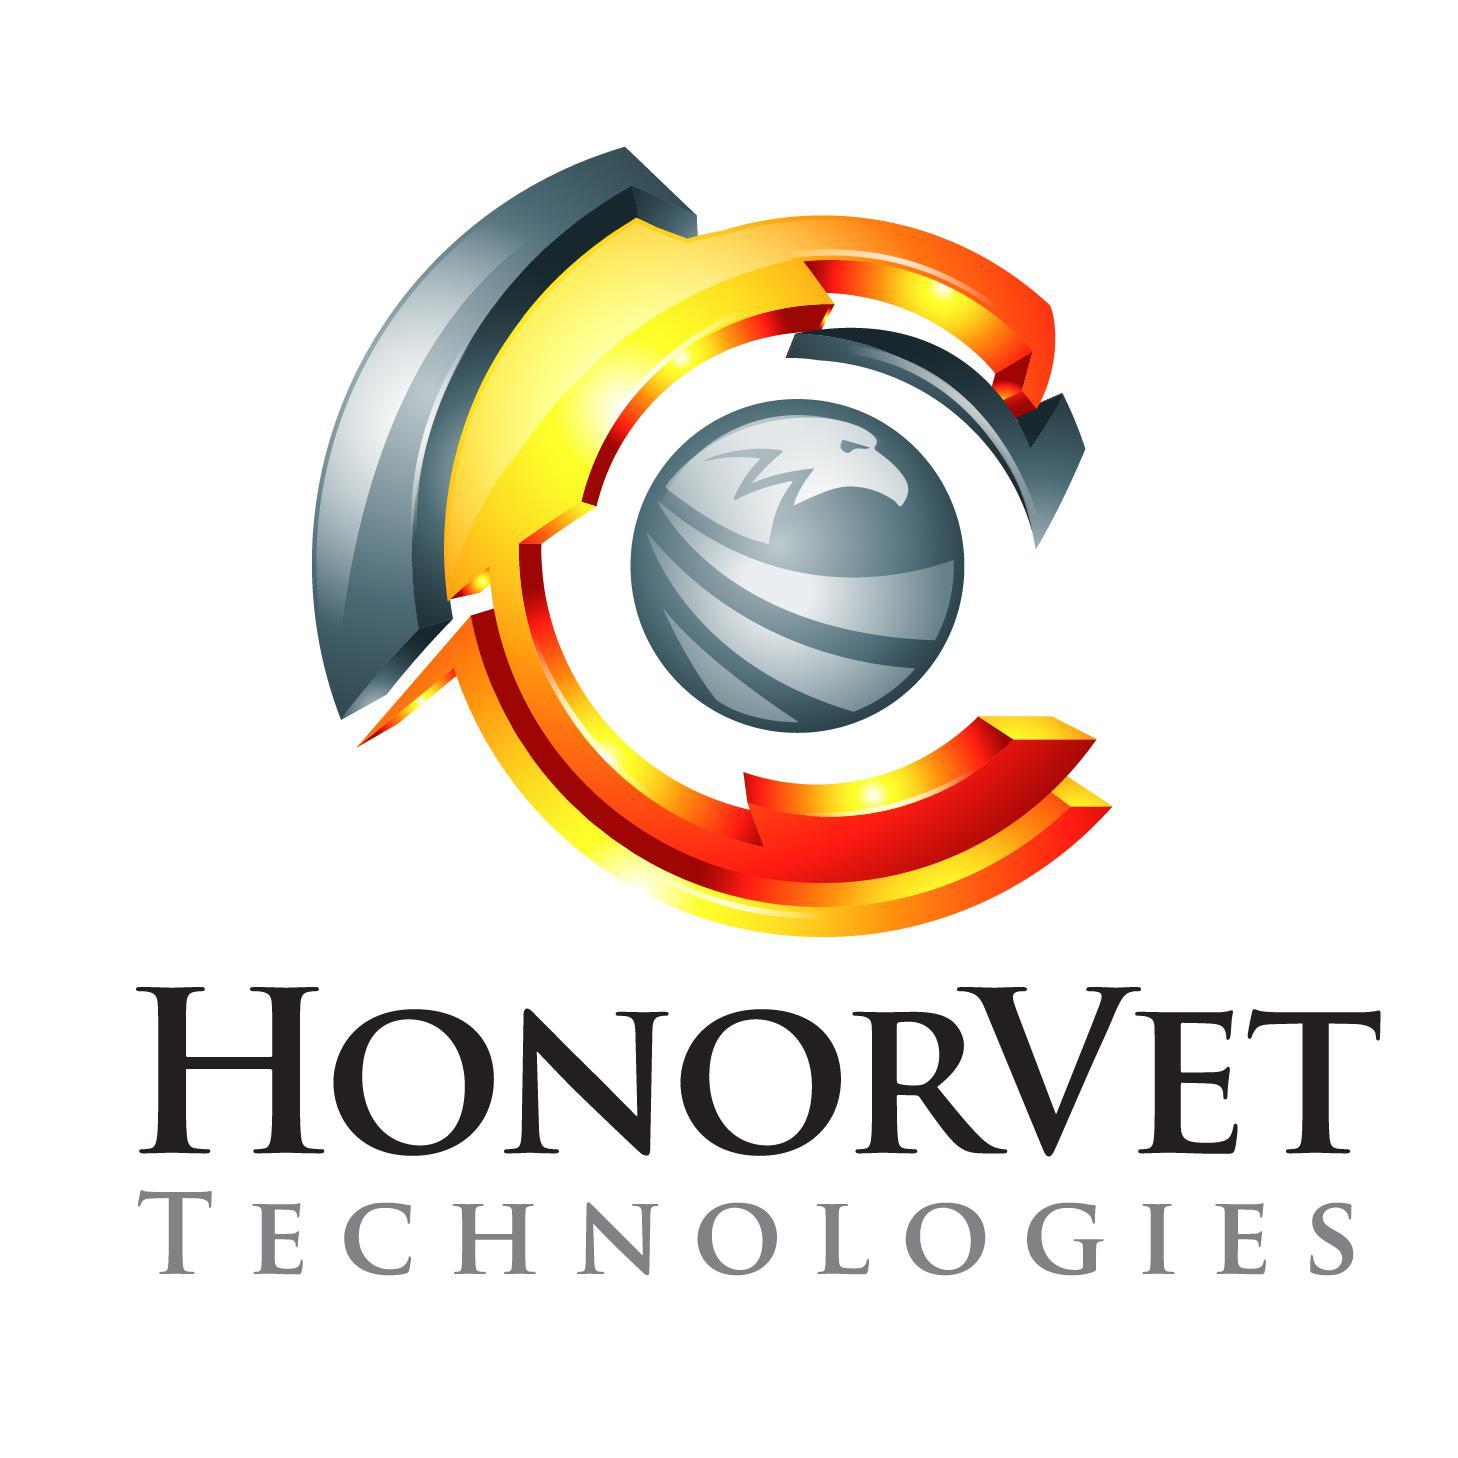 HonorVet Technologies